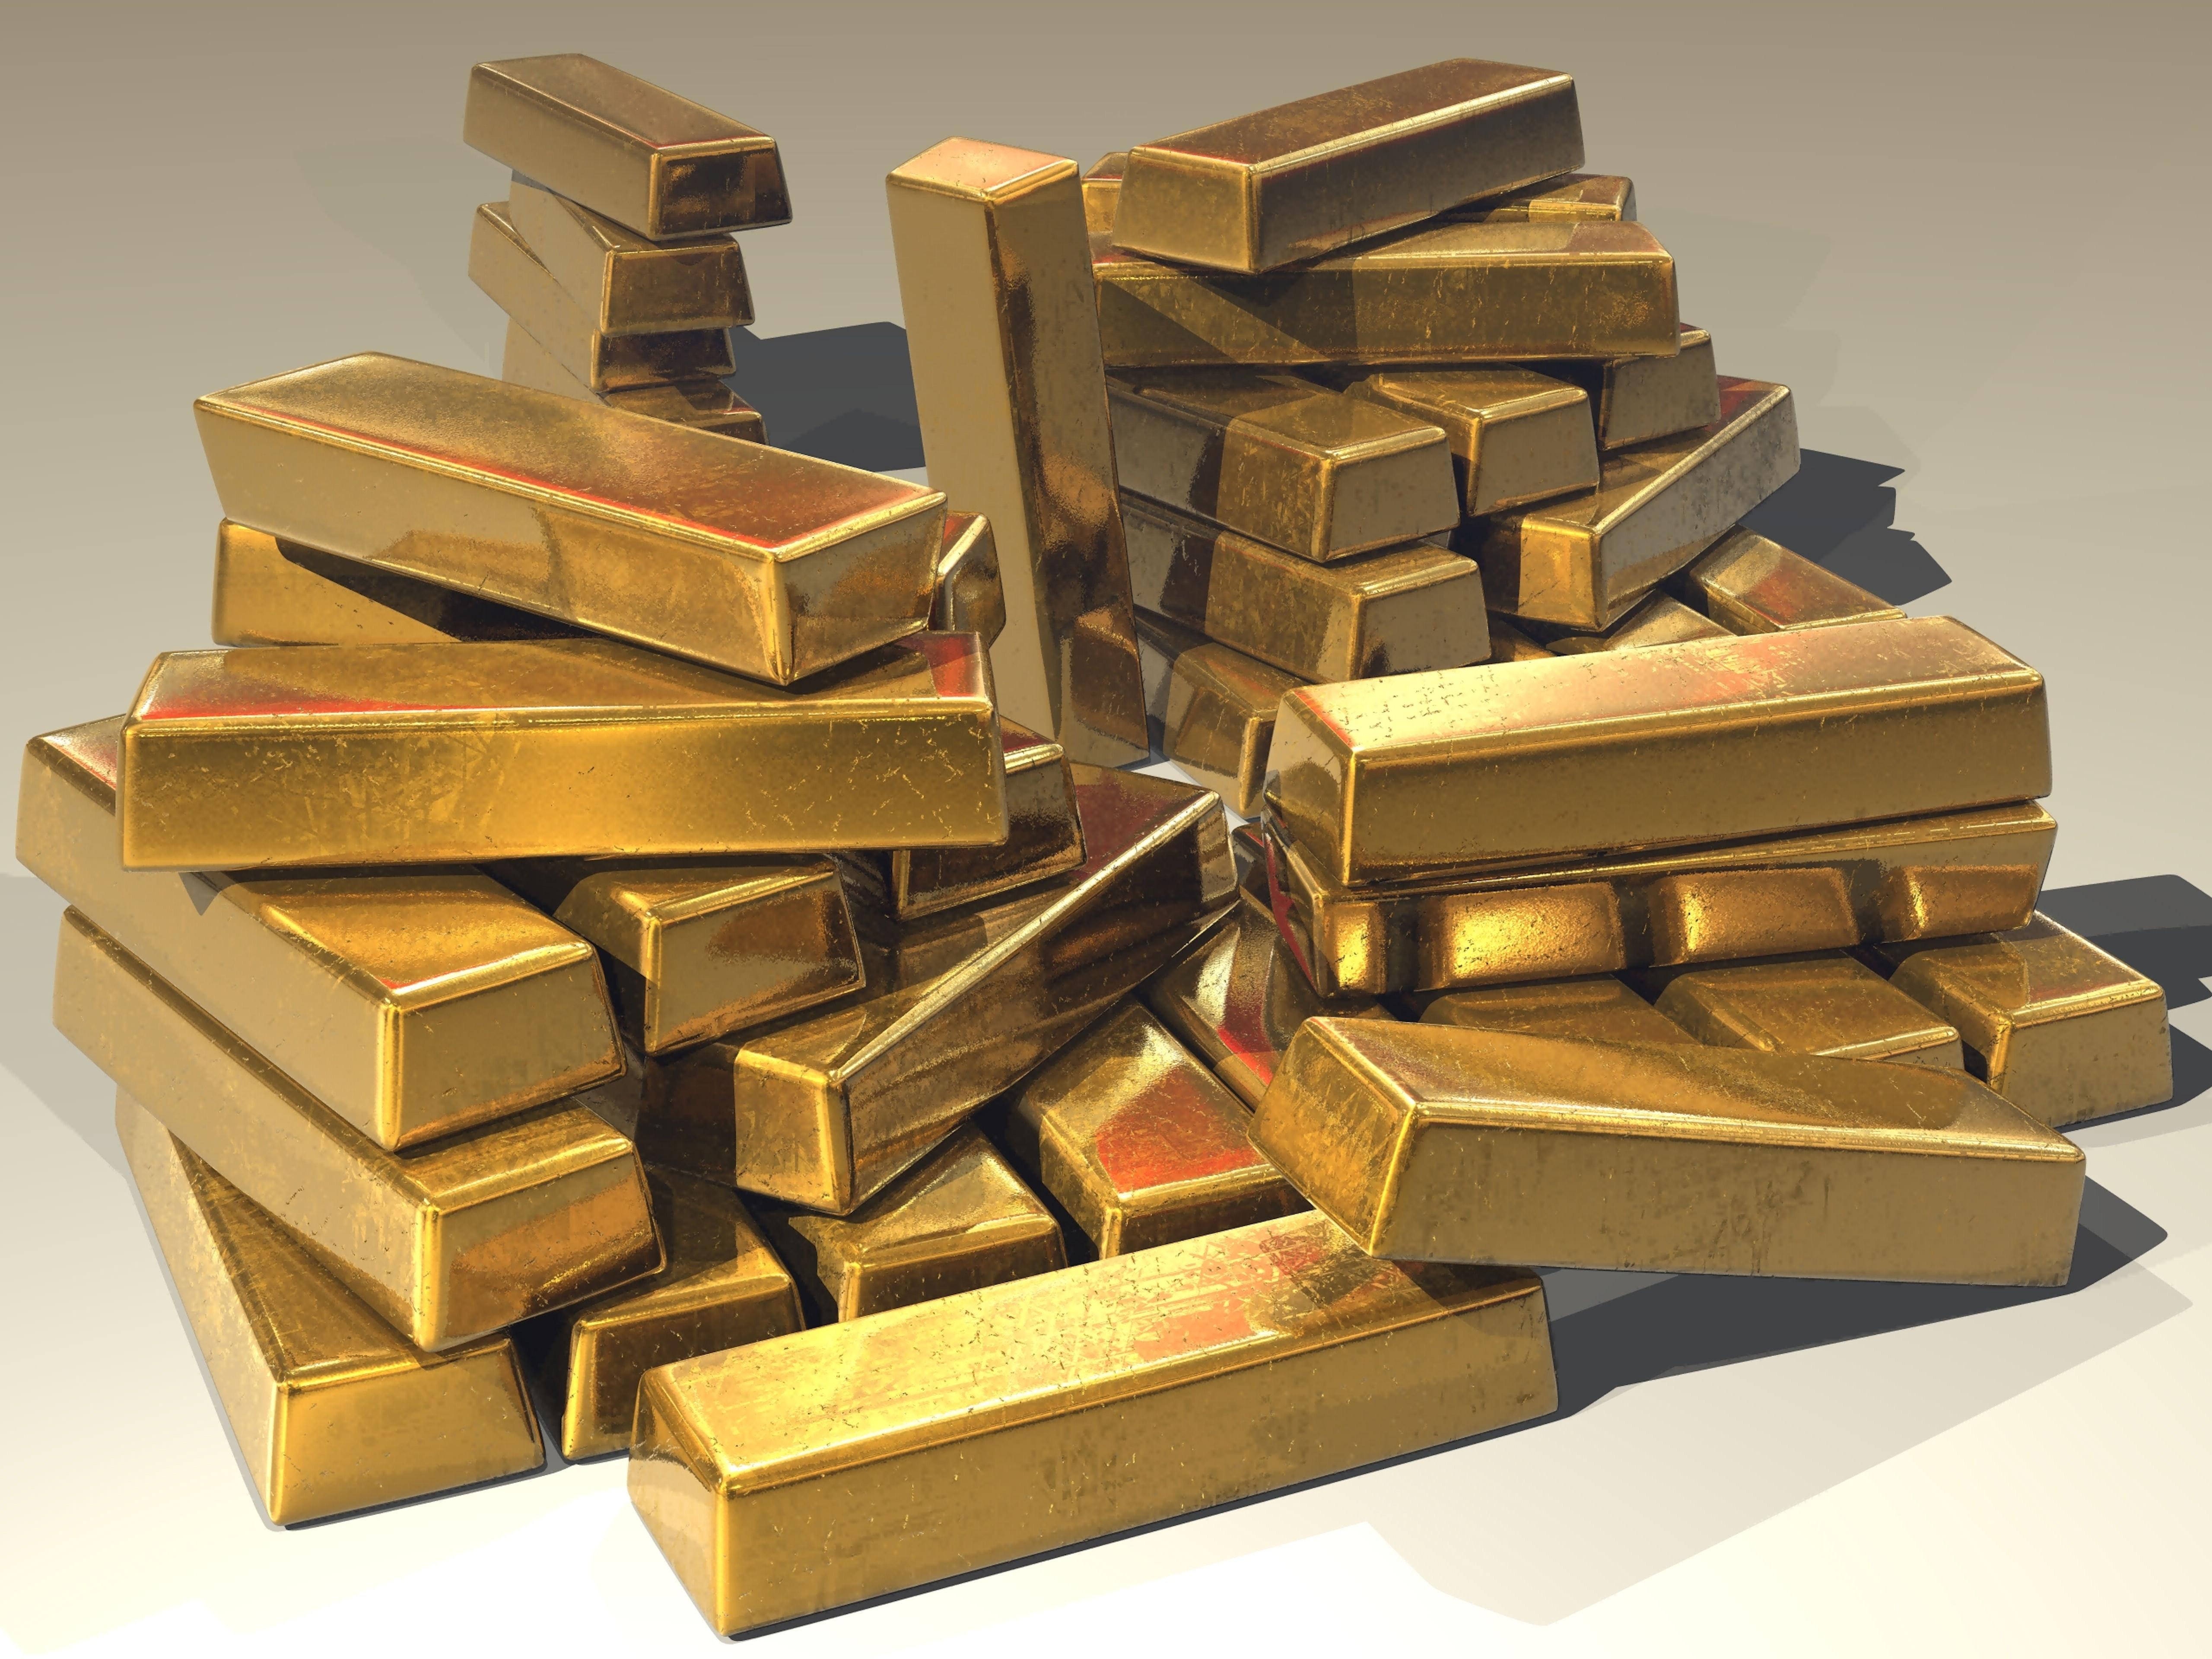 Złoto rekordowo drogie, ale nie dla wszystkich